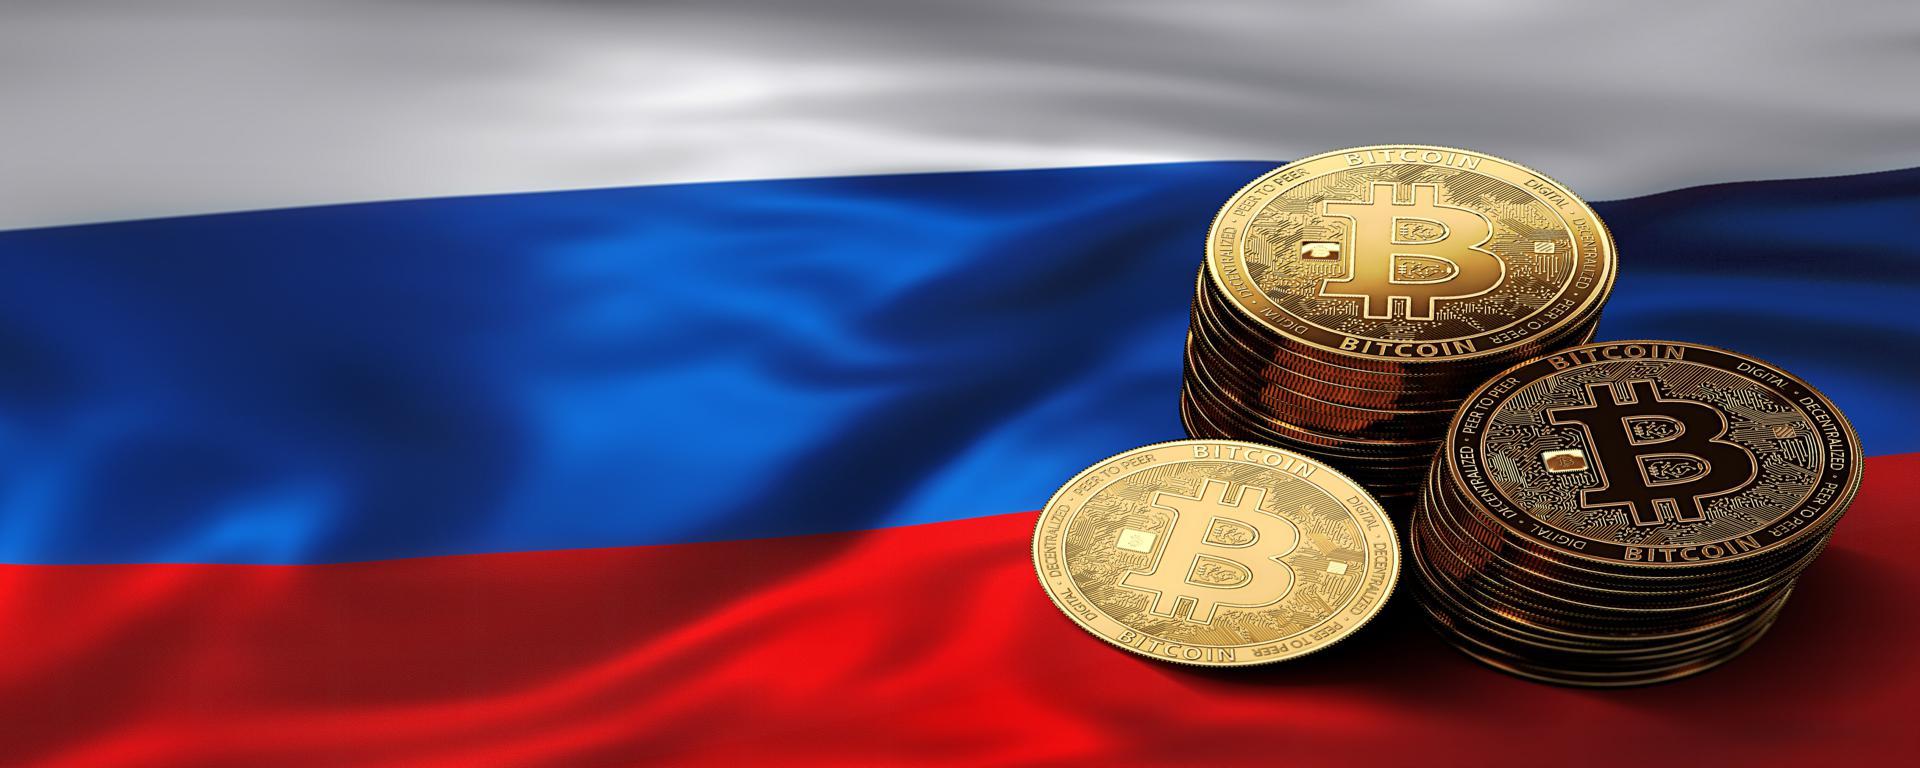 Polcia russa confisca caixas eletrnicos de bitcoin webitcoin bitcoin ccuart Choice Image